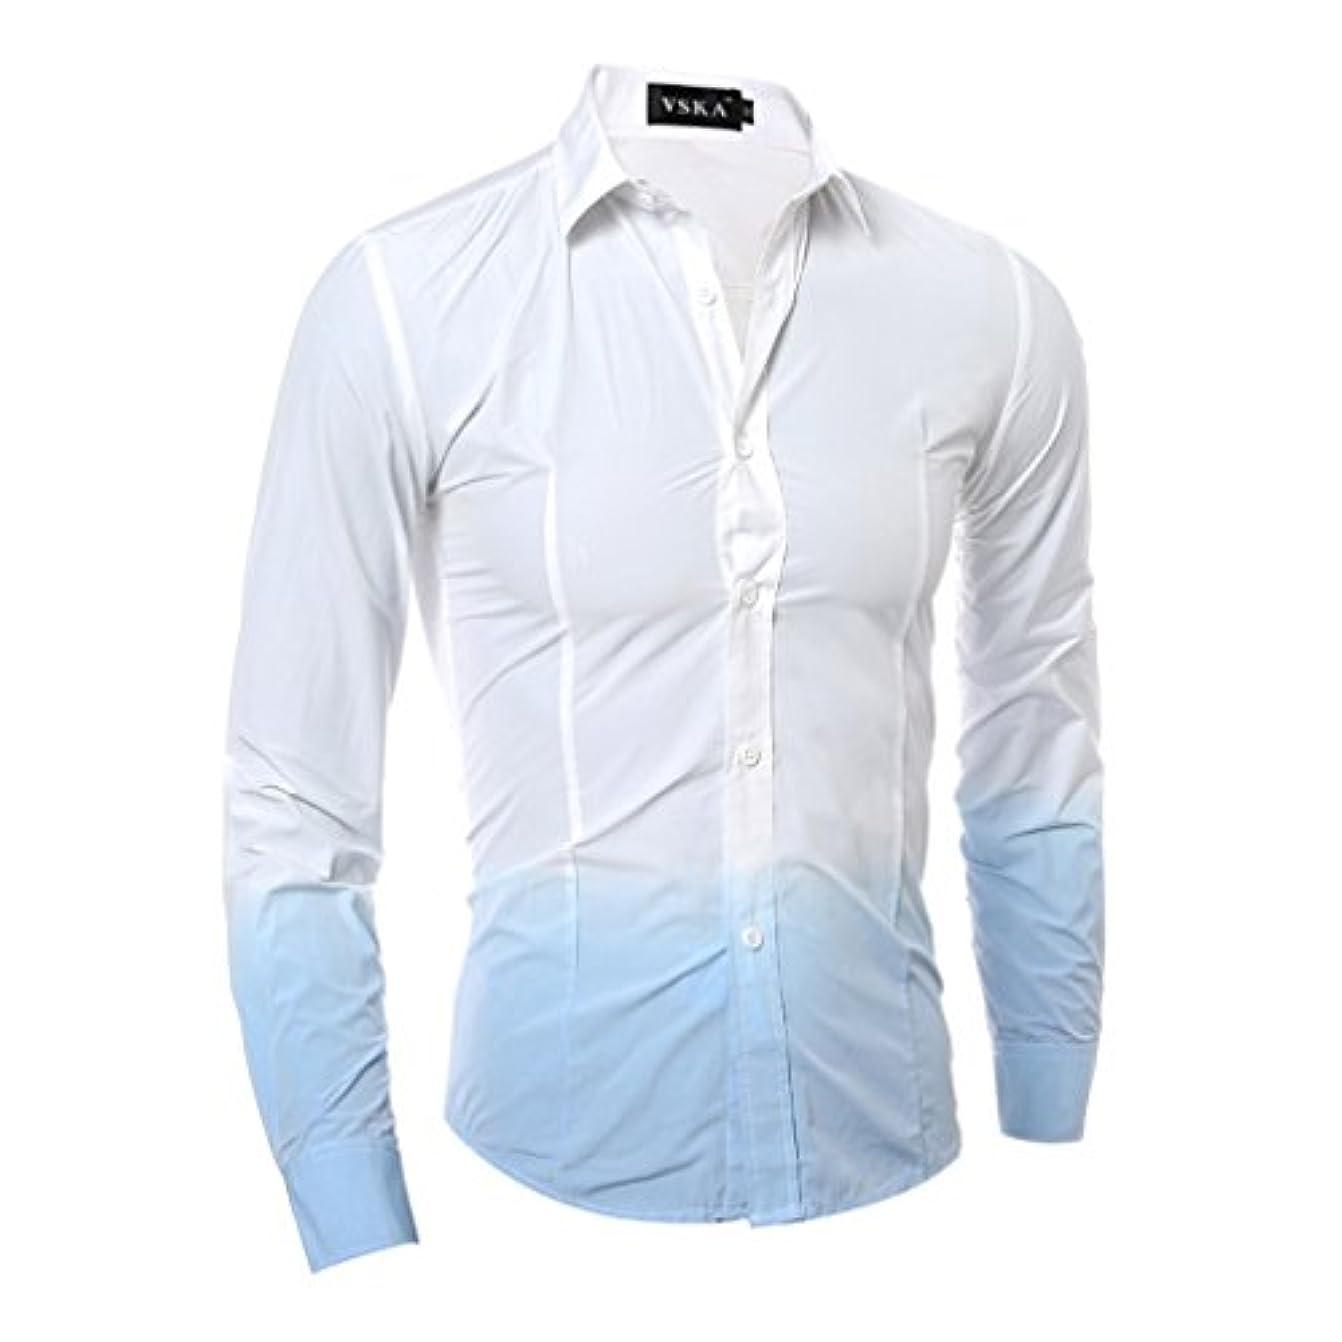 ソロ王族ゆるいHonghu メンズ シャツ 長袖 3Dグラデーション カジュアル スリム ブルー XL 1PC